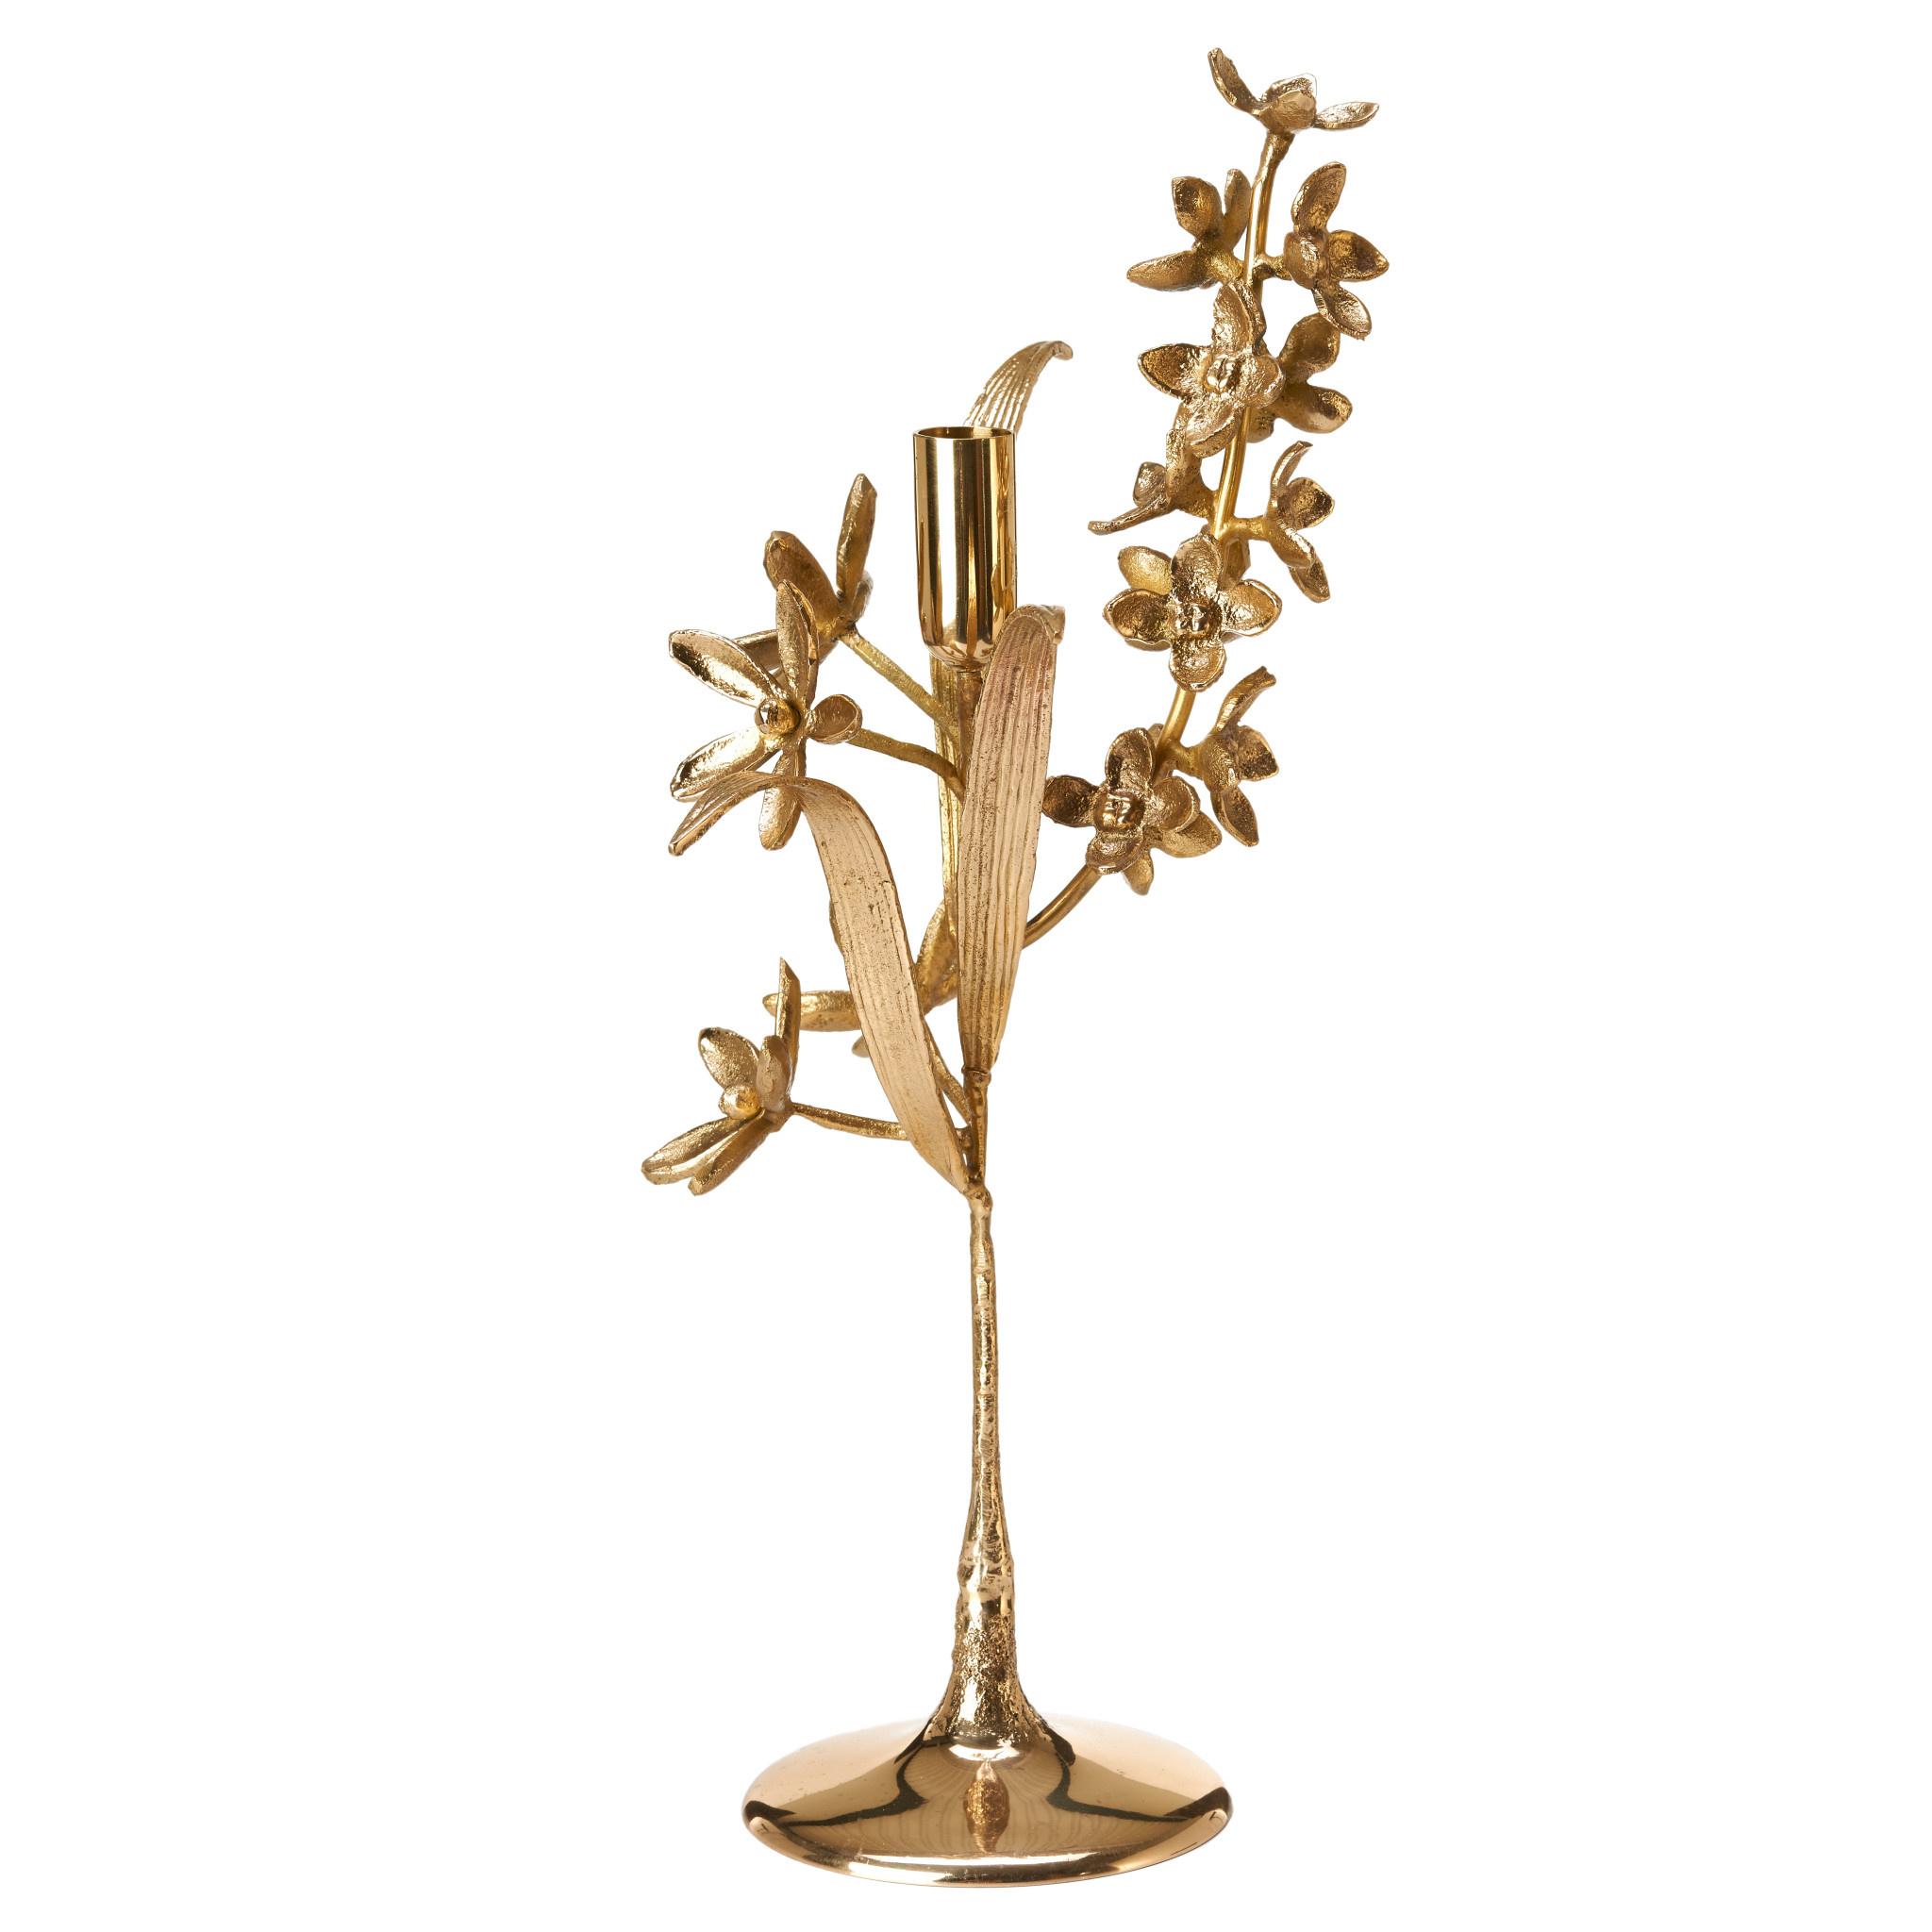 Pols Potten Pols Potten Metal Candle Holder Bouquet  L10,5 x W20 x H42 cm